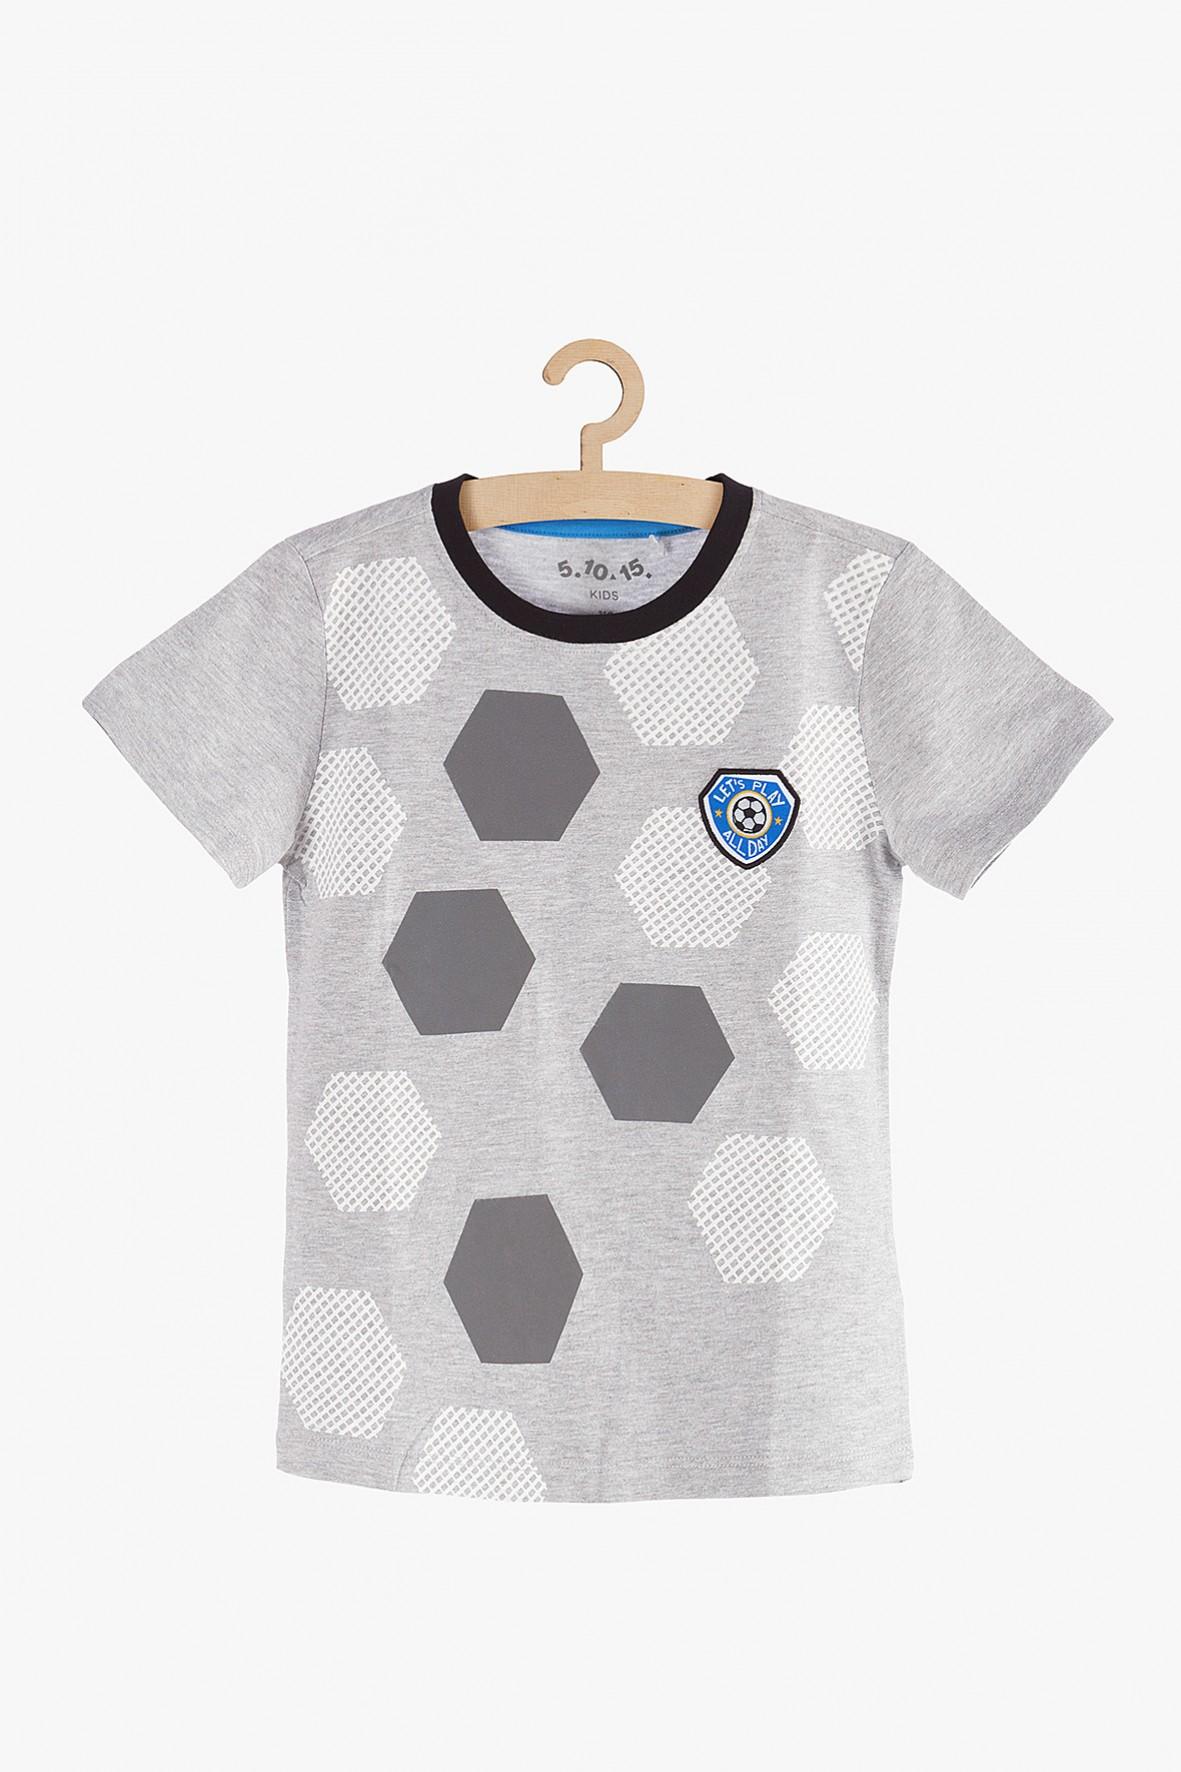 T-shirt chłopięcy szary z piłkarskim motywem